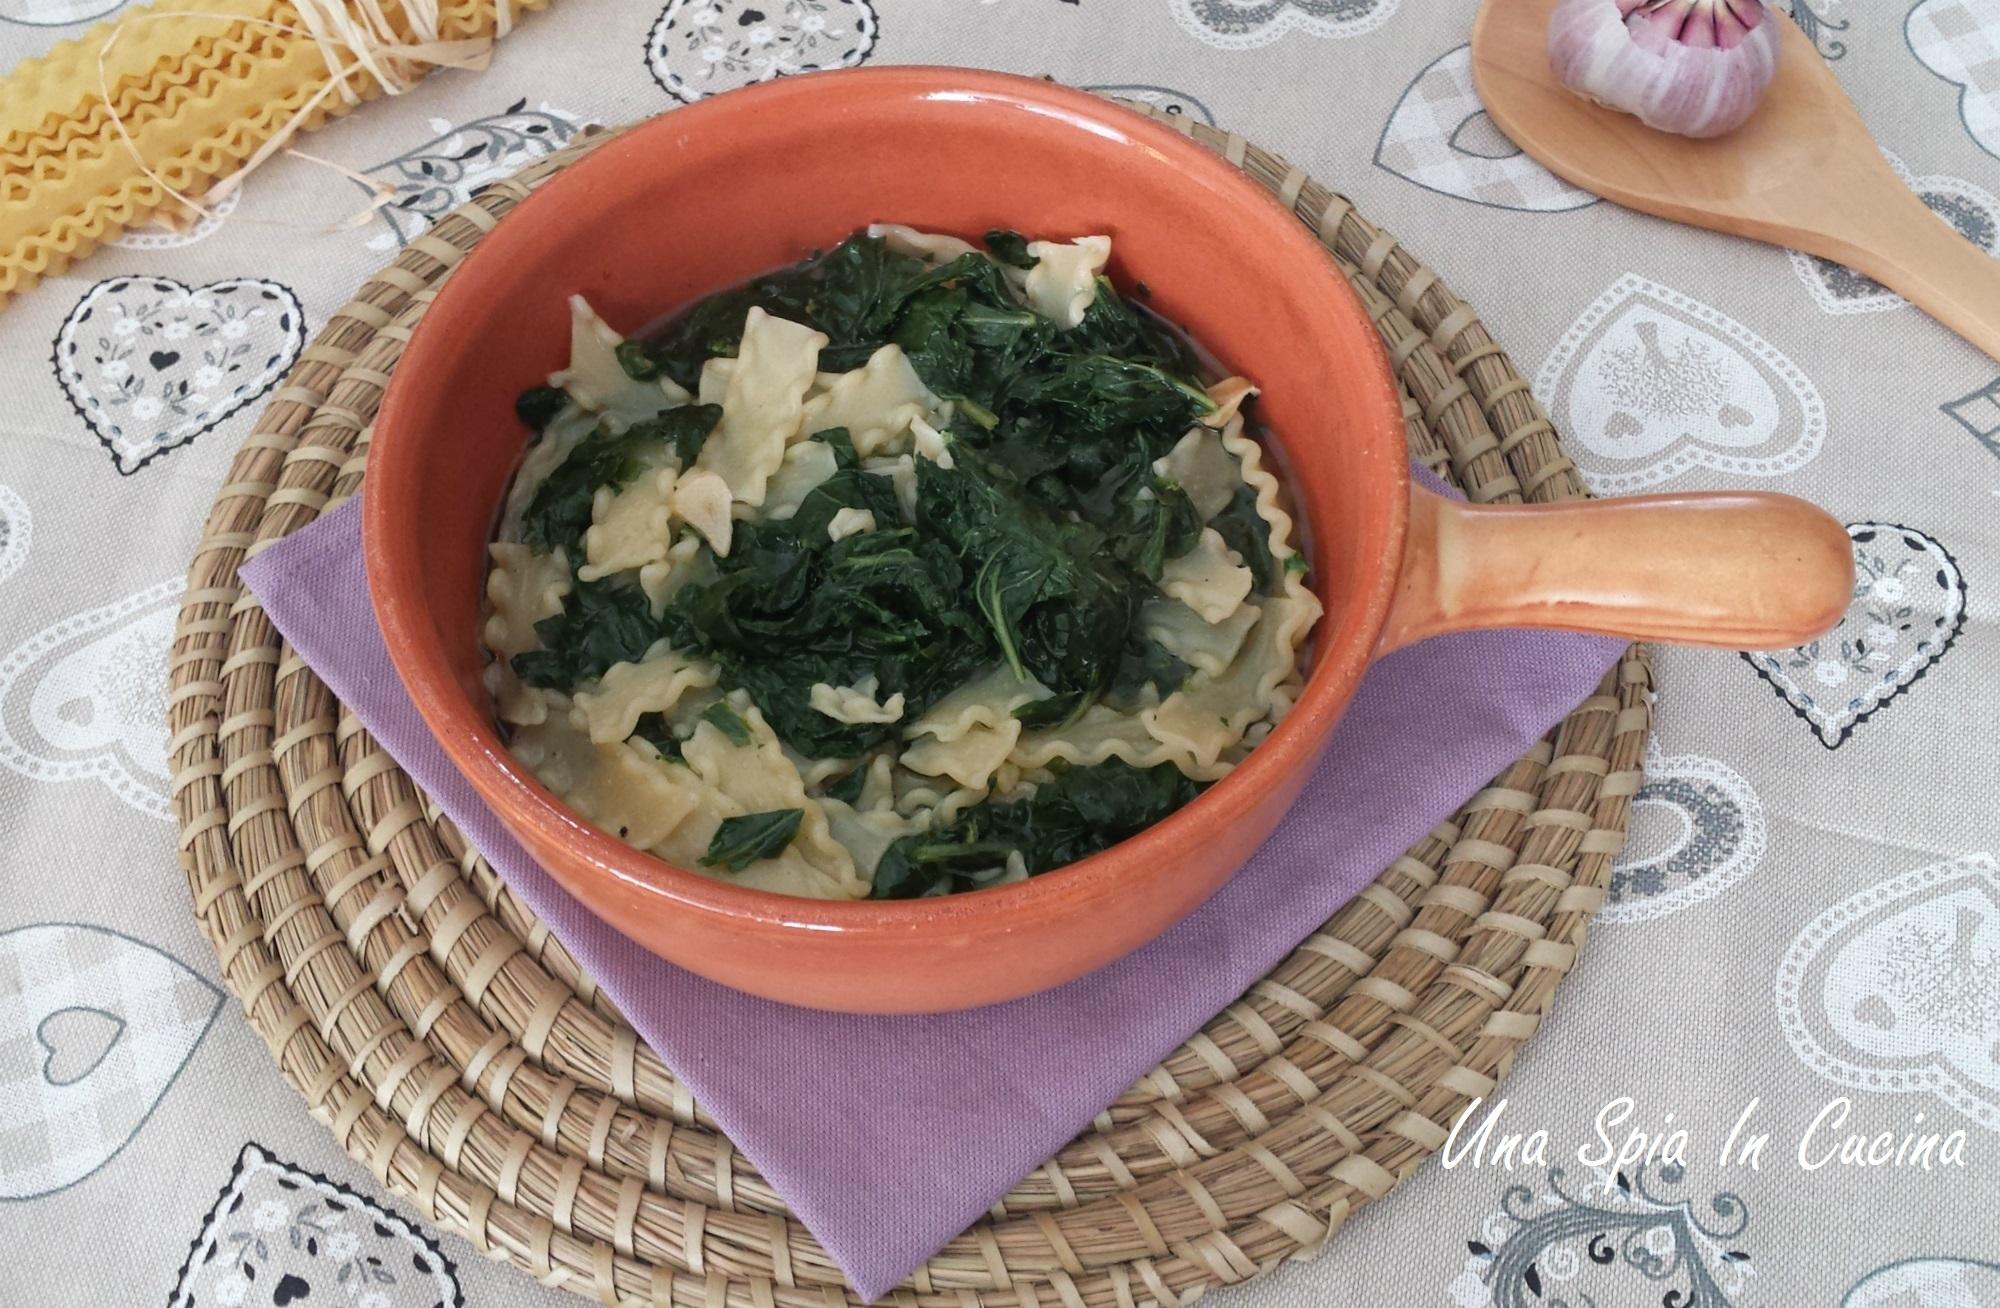 Minestra con cavolo rapa - Ricetta siciliana